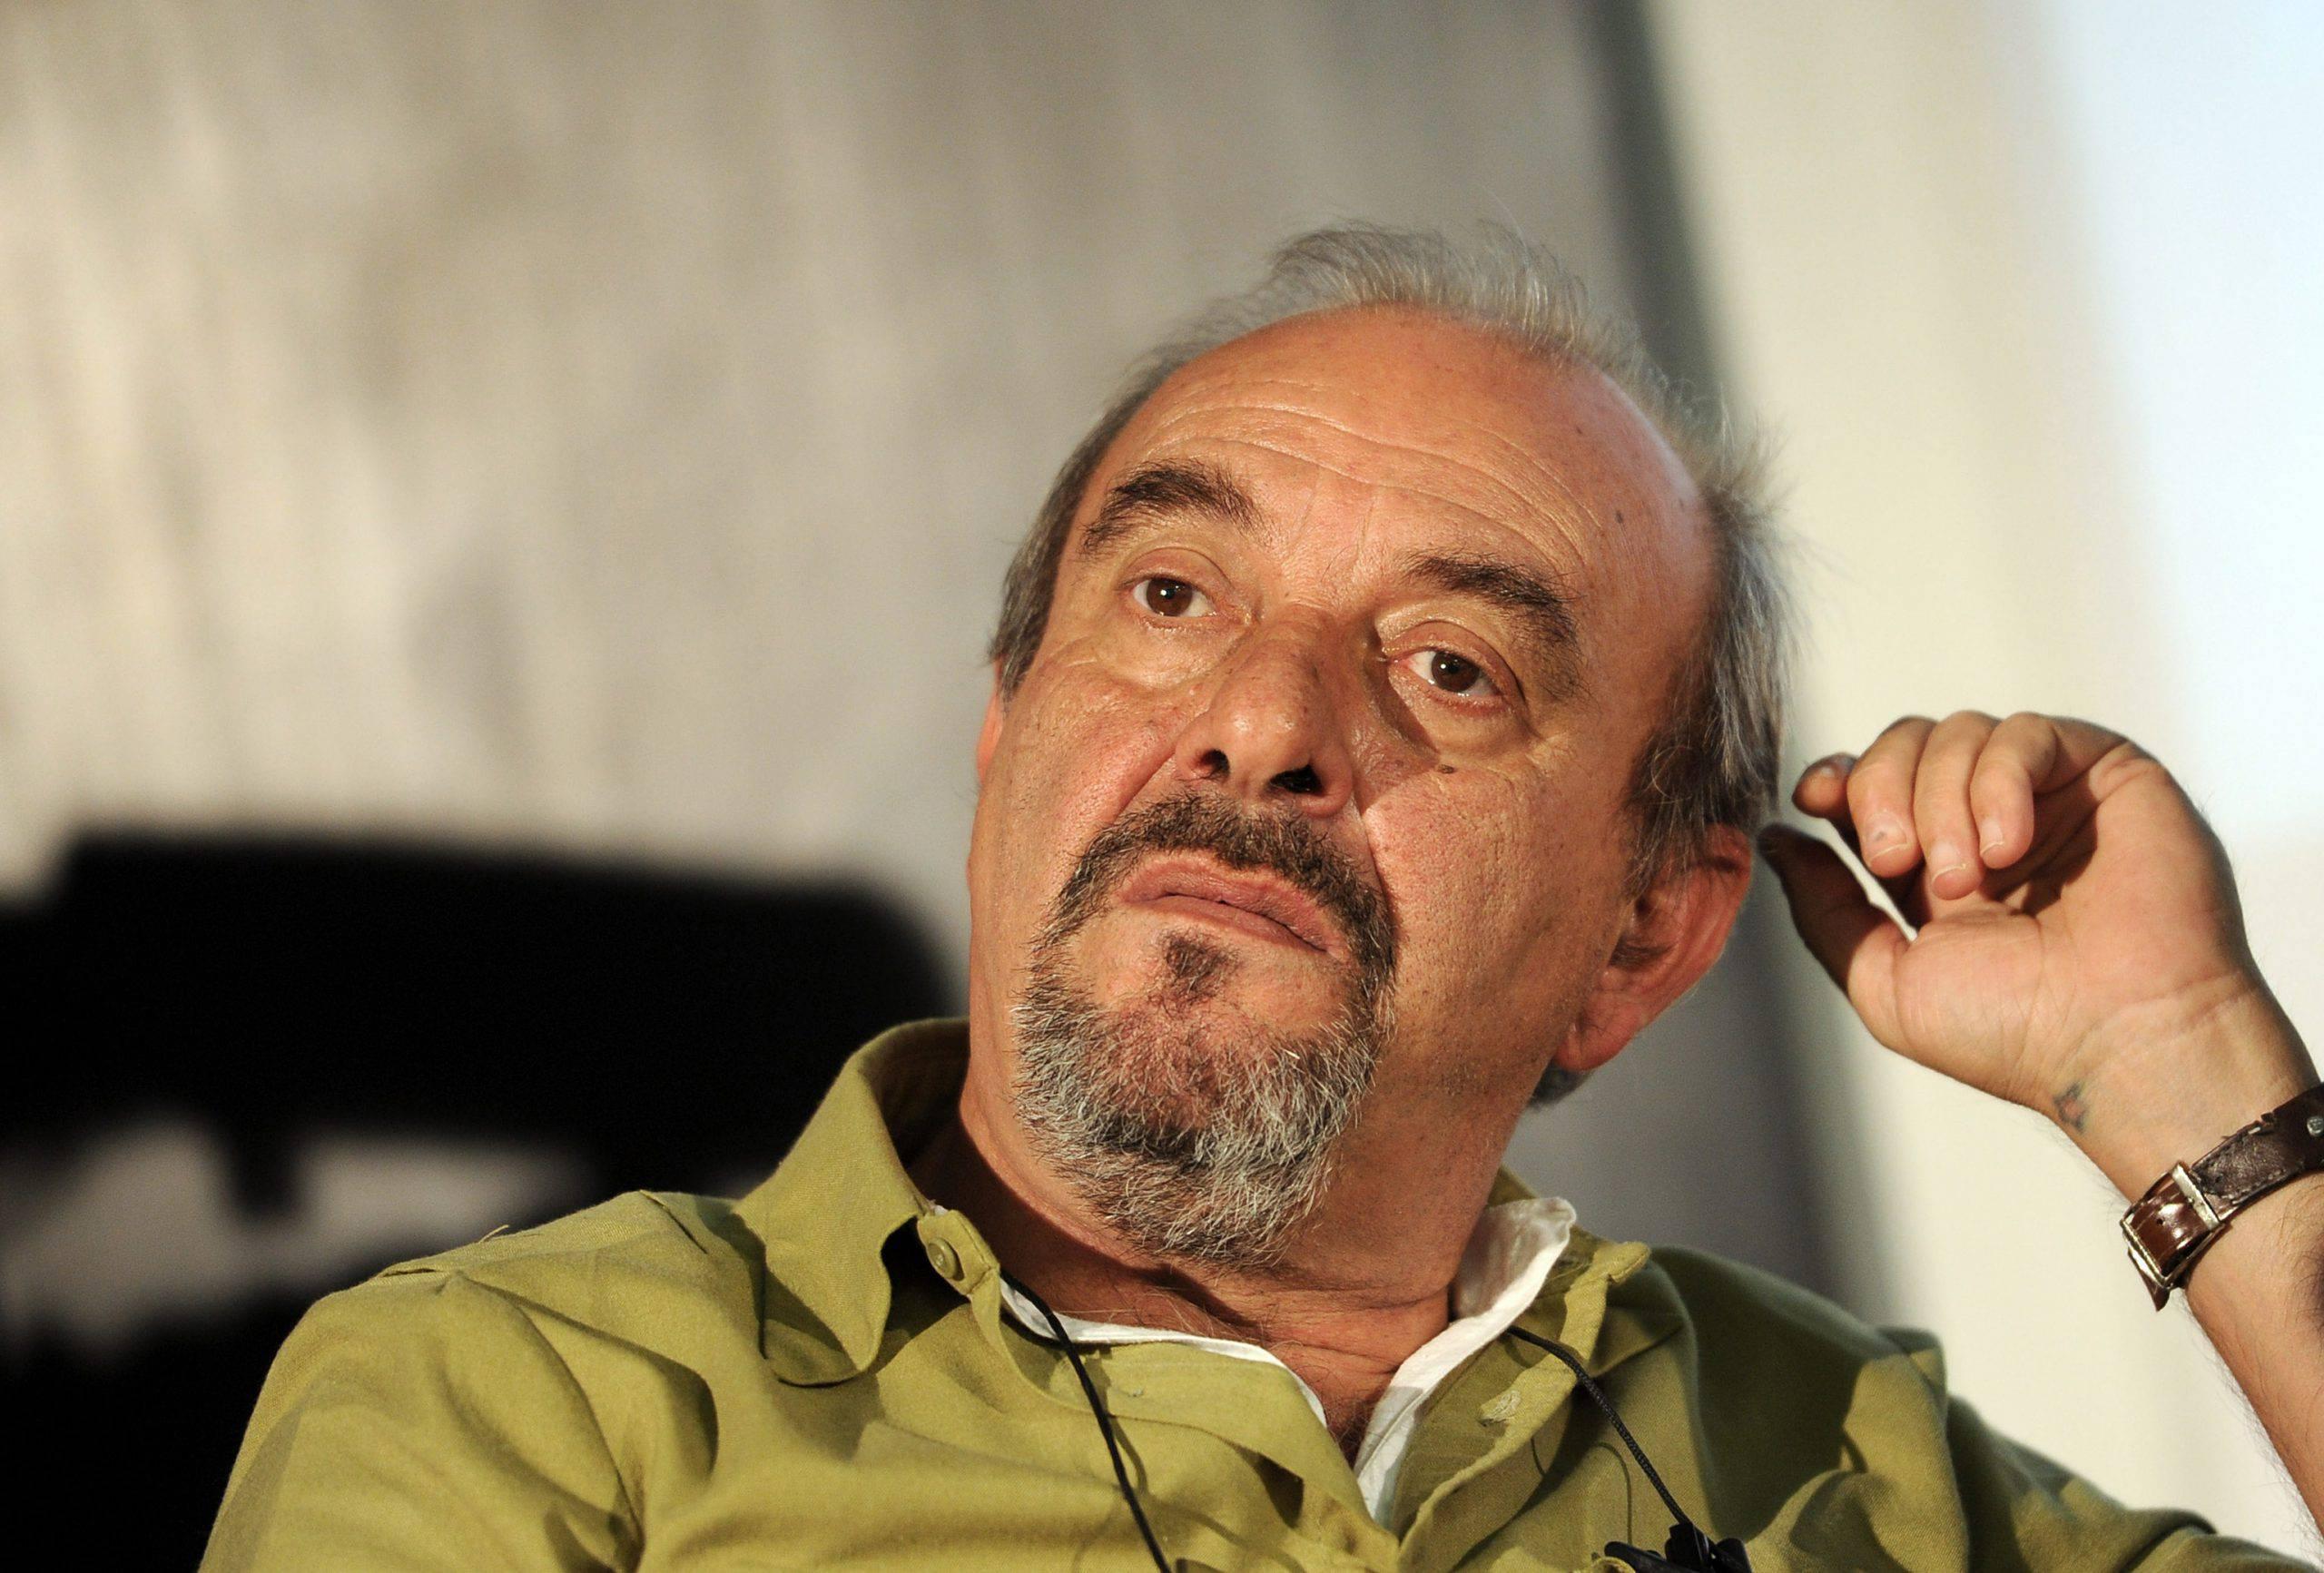 """Coronavirus, Vauro: """"Il video dei francesi è satira. Peggio quello istituzionale di Zaia"""" - Leggilo.org"""